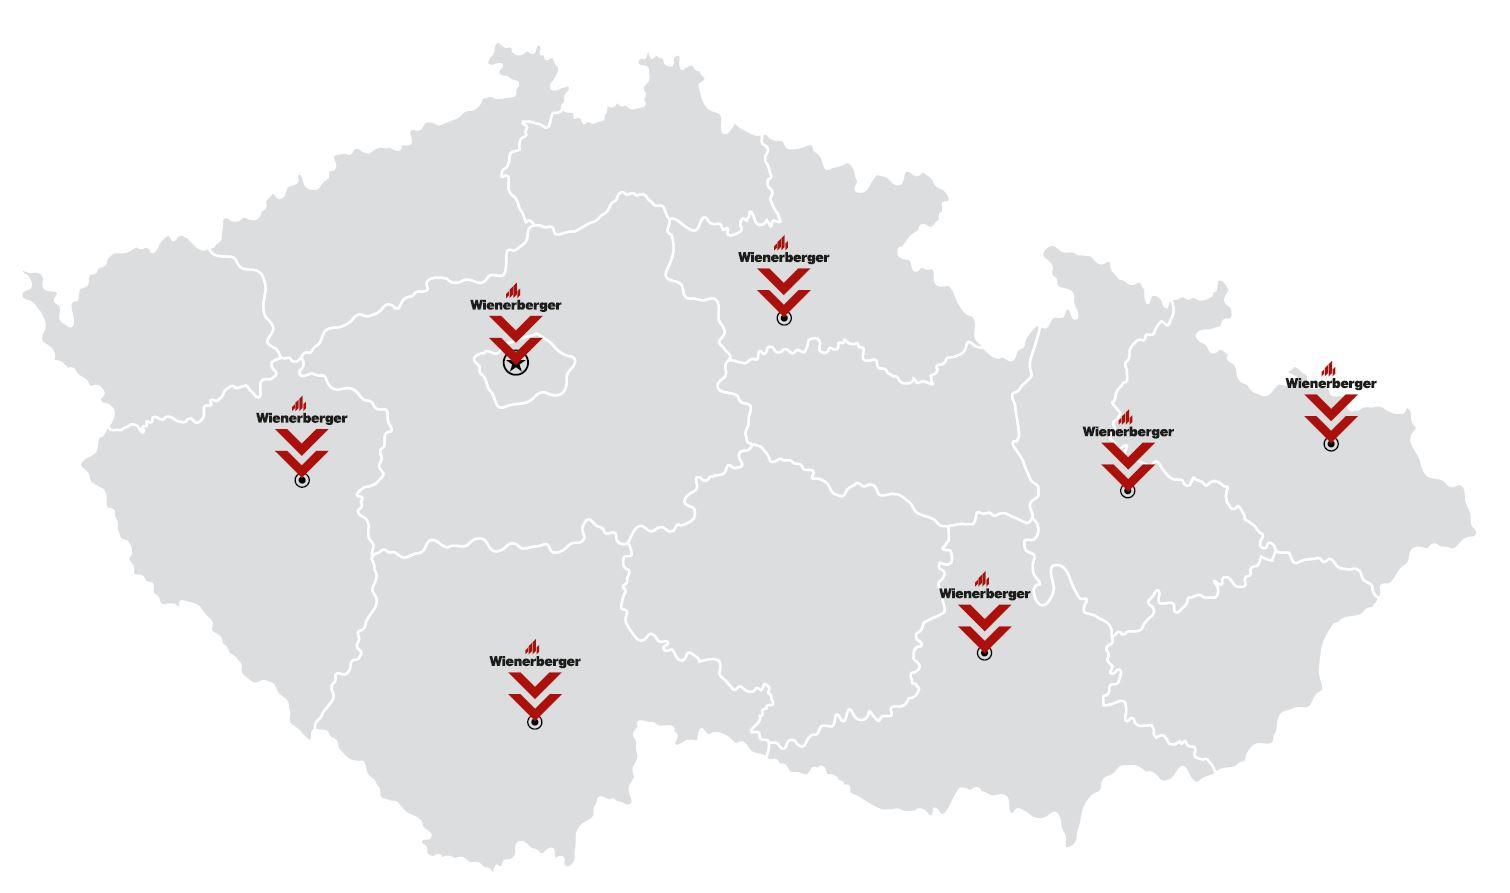 Wienerberger forum 2018 - mapa